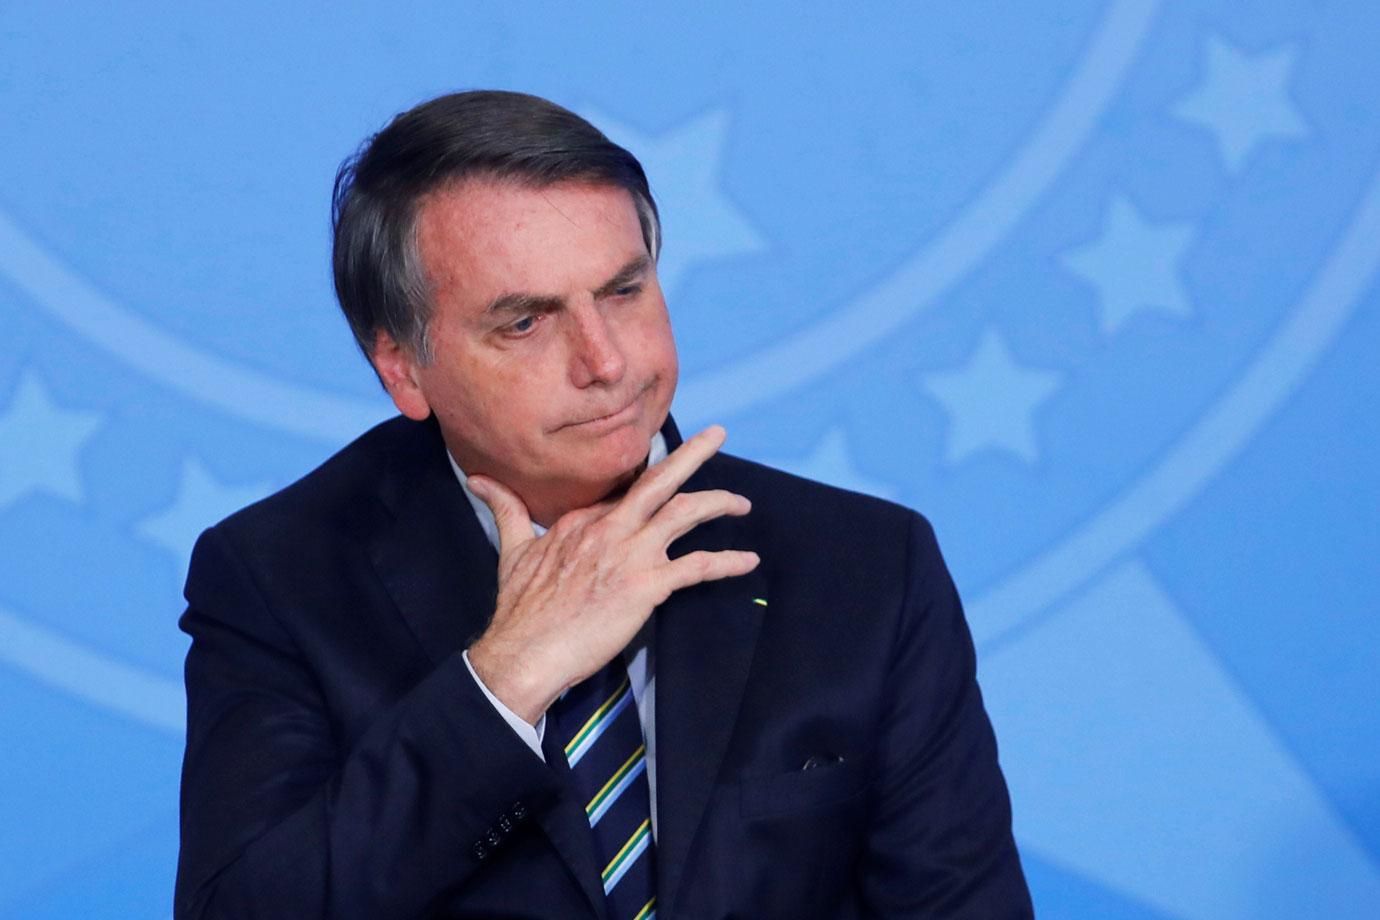 jair bolsonaro 2 - Bolsonaro desiste de dar desconto na conta de energia de igrejas após 'pancada por todo lado'